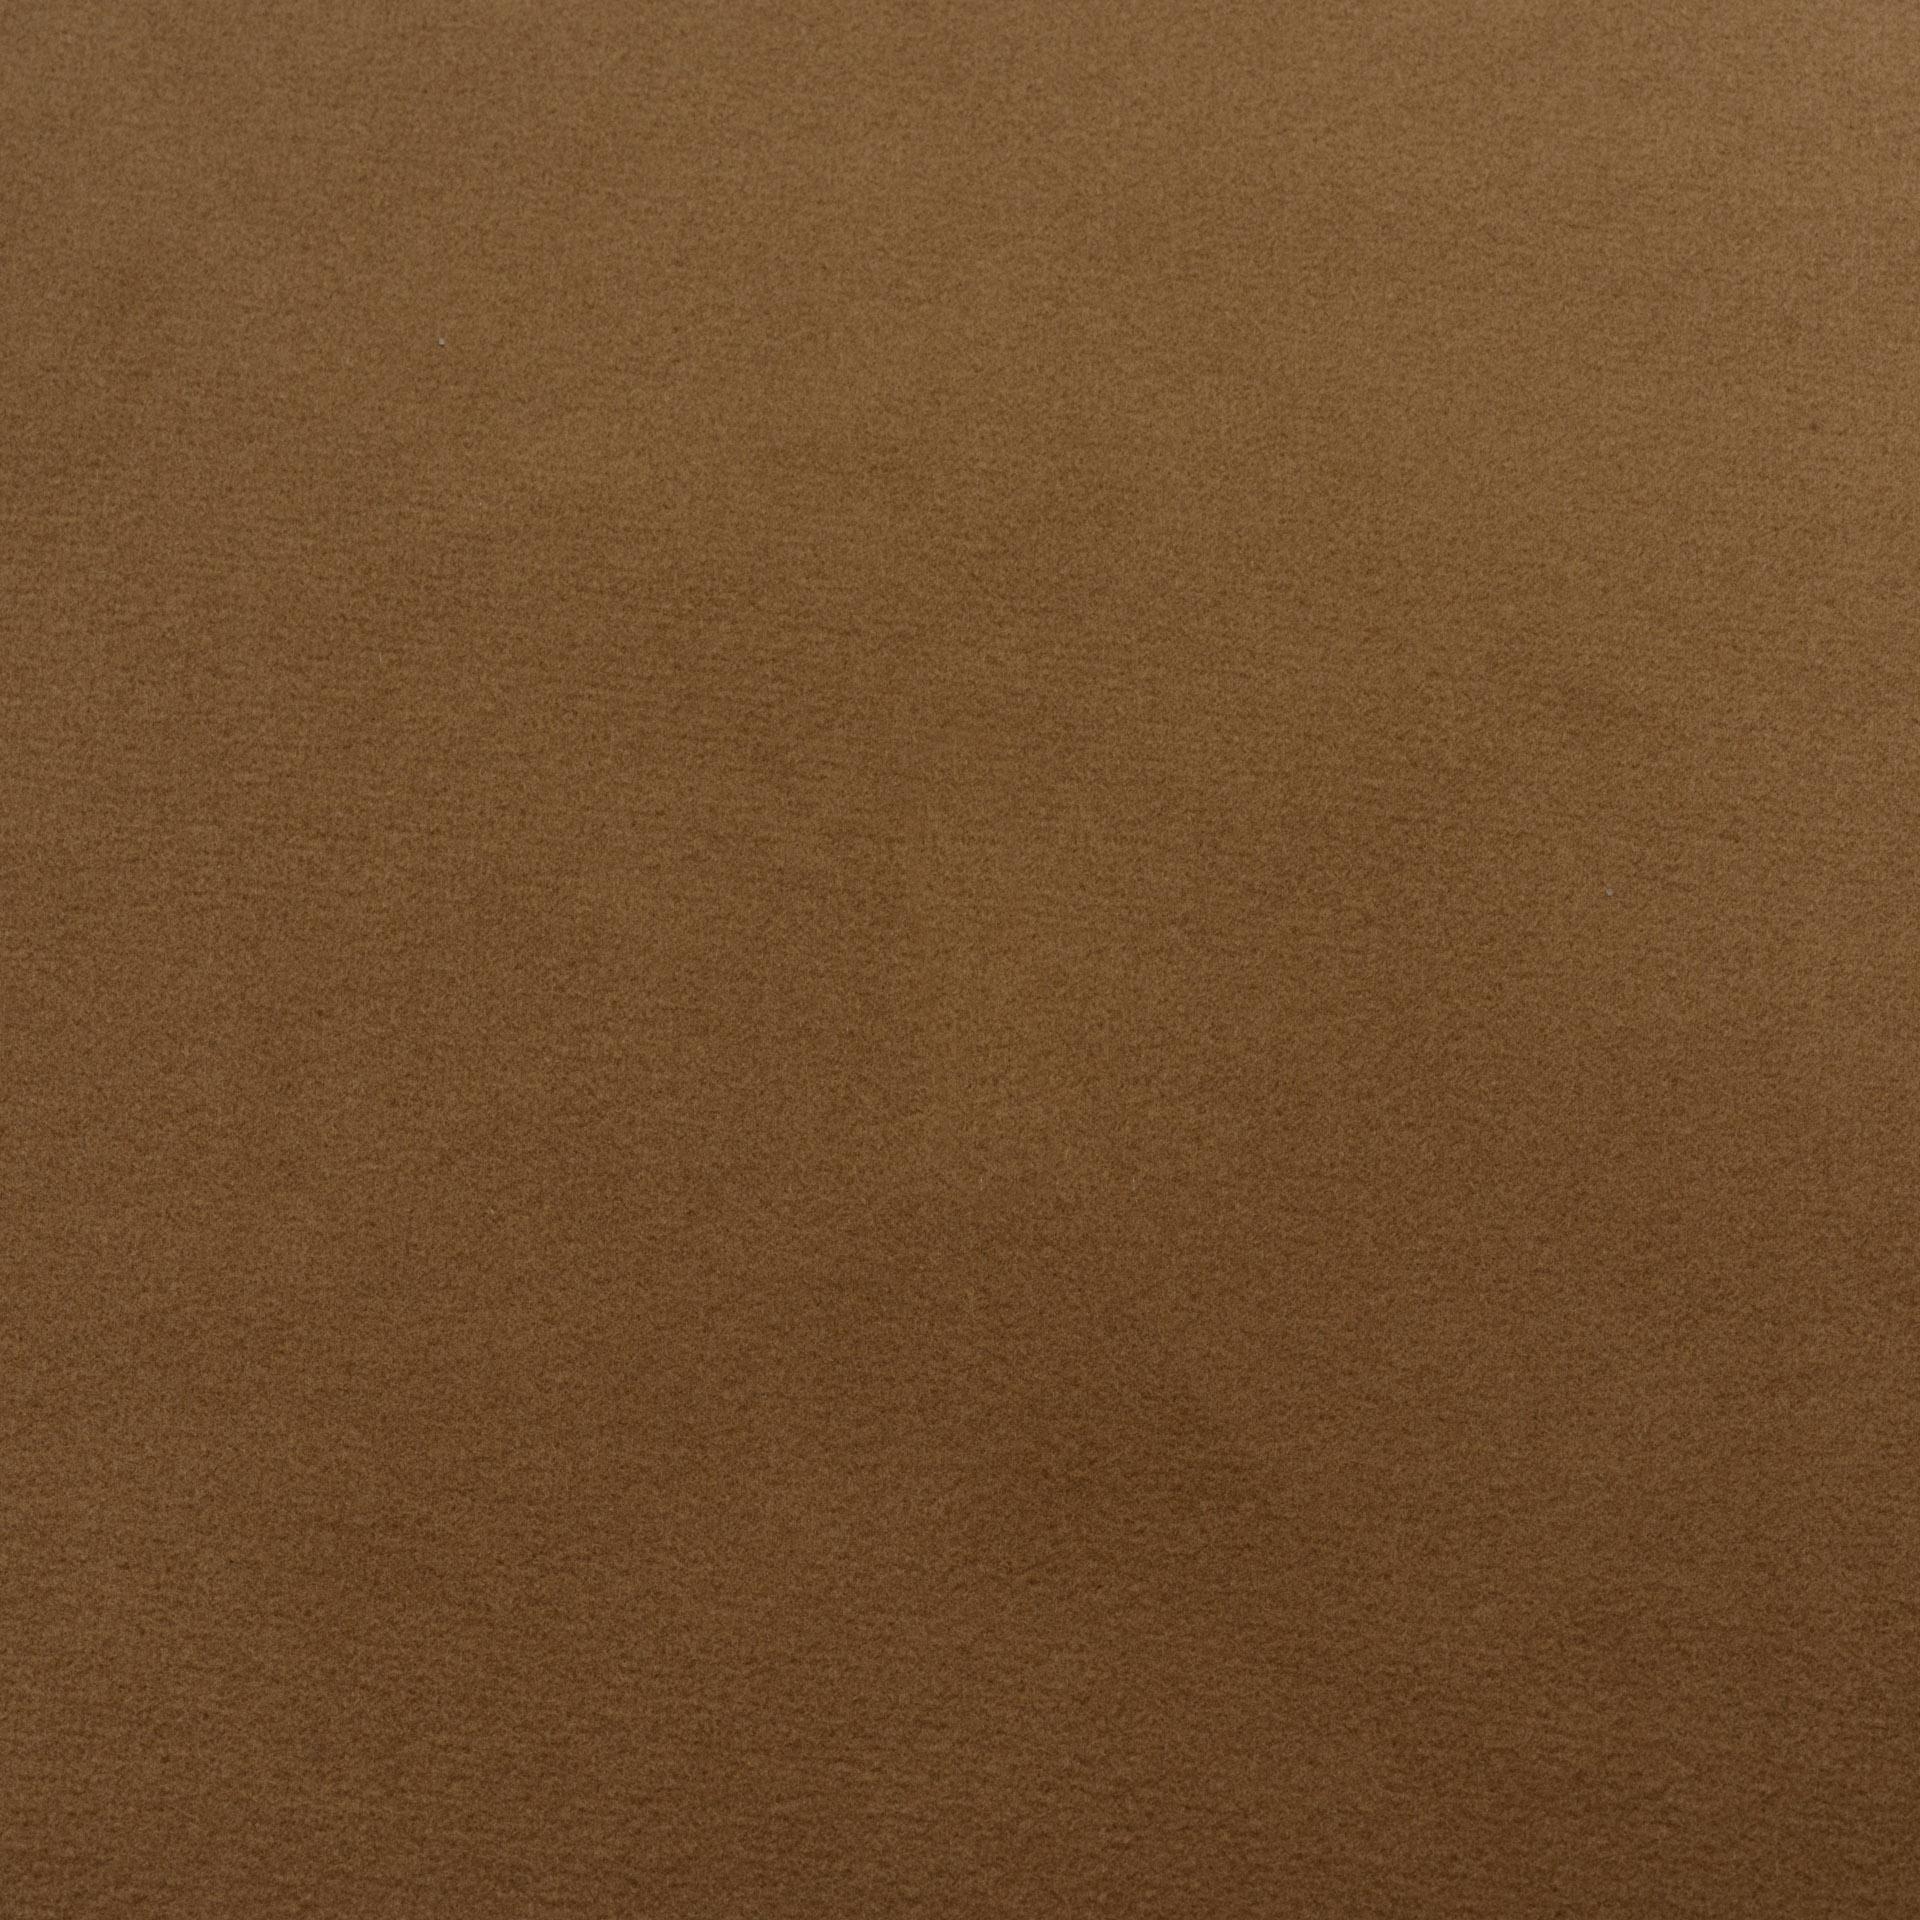 Коллекция ткани Багира 02 LEATHER BROWN,  купить ткань Велюр для мебели Украина